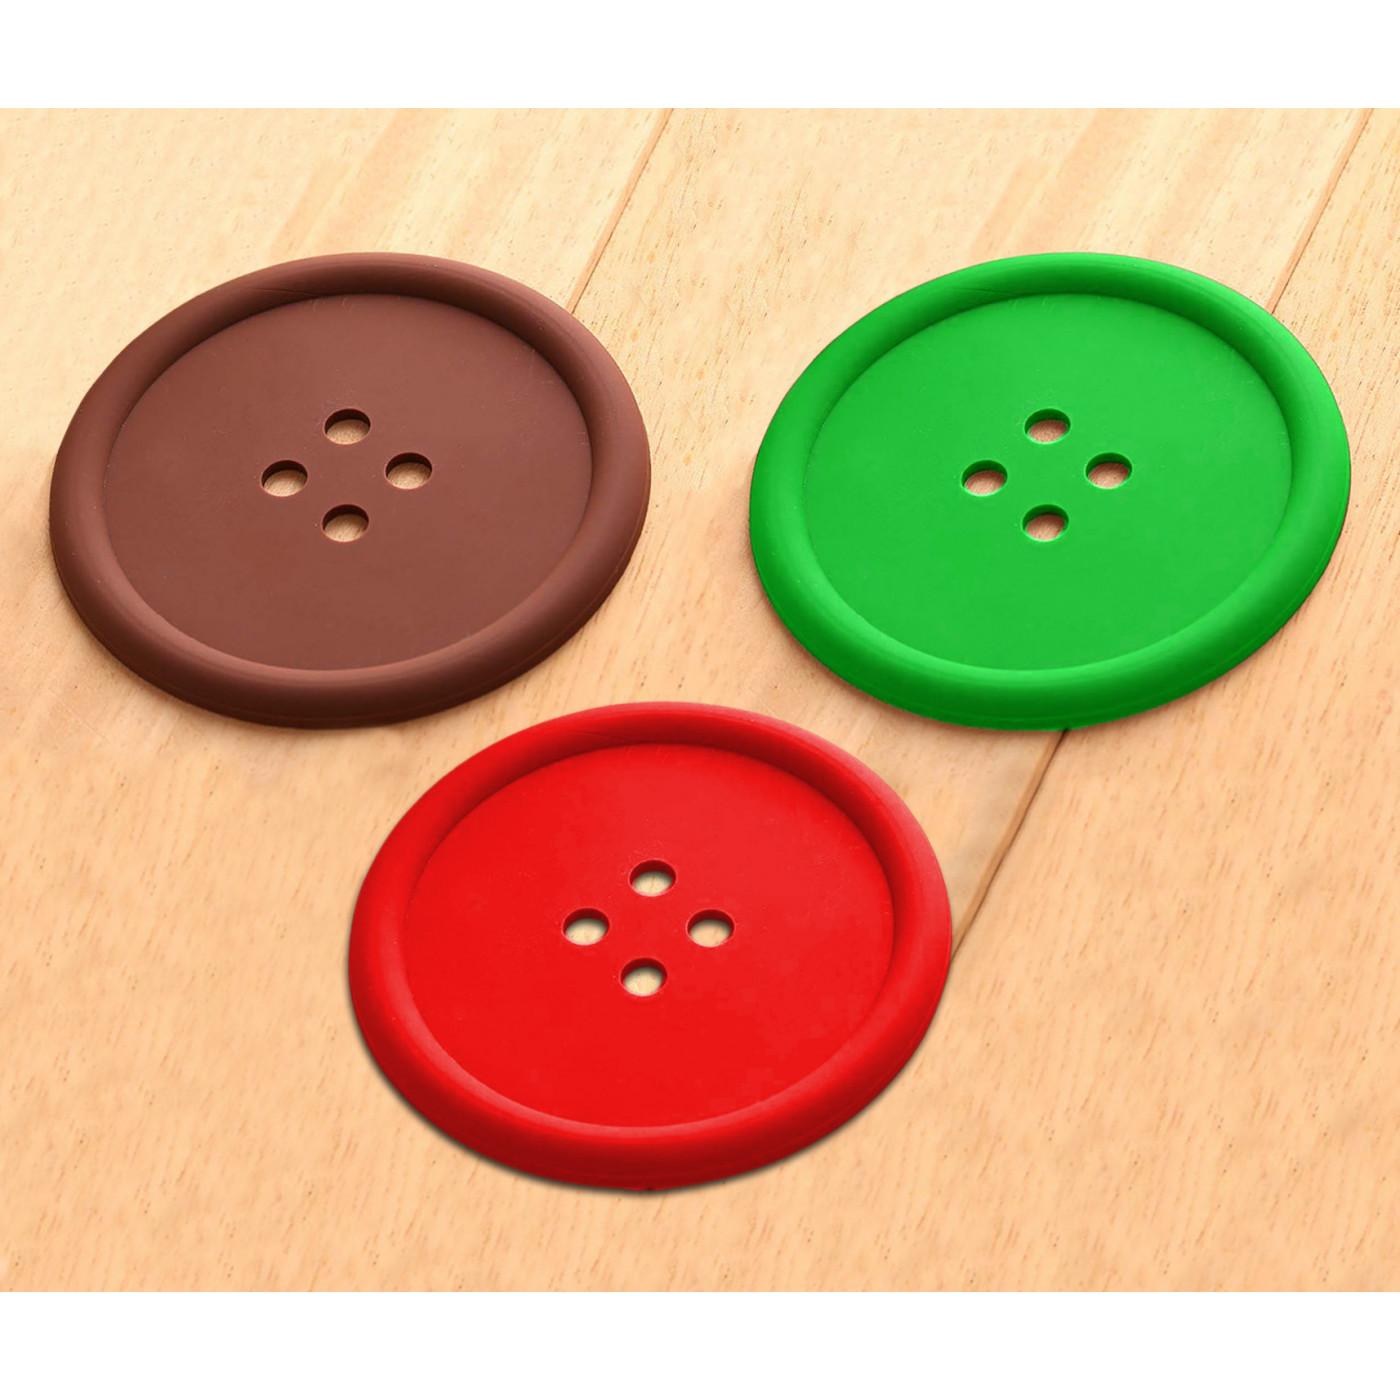 Set von 15 Silikonuntersetzern (rot, grün, braun)